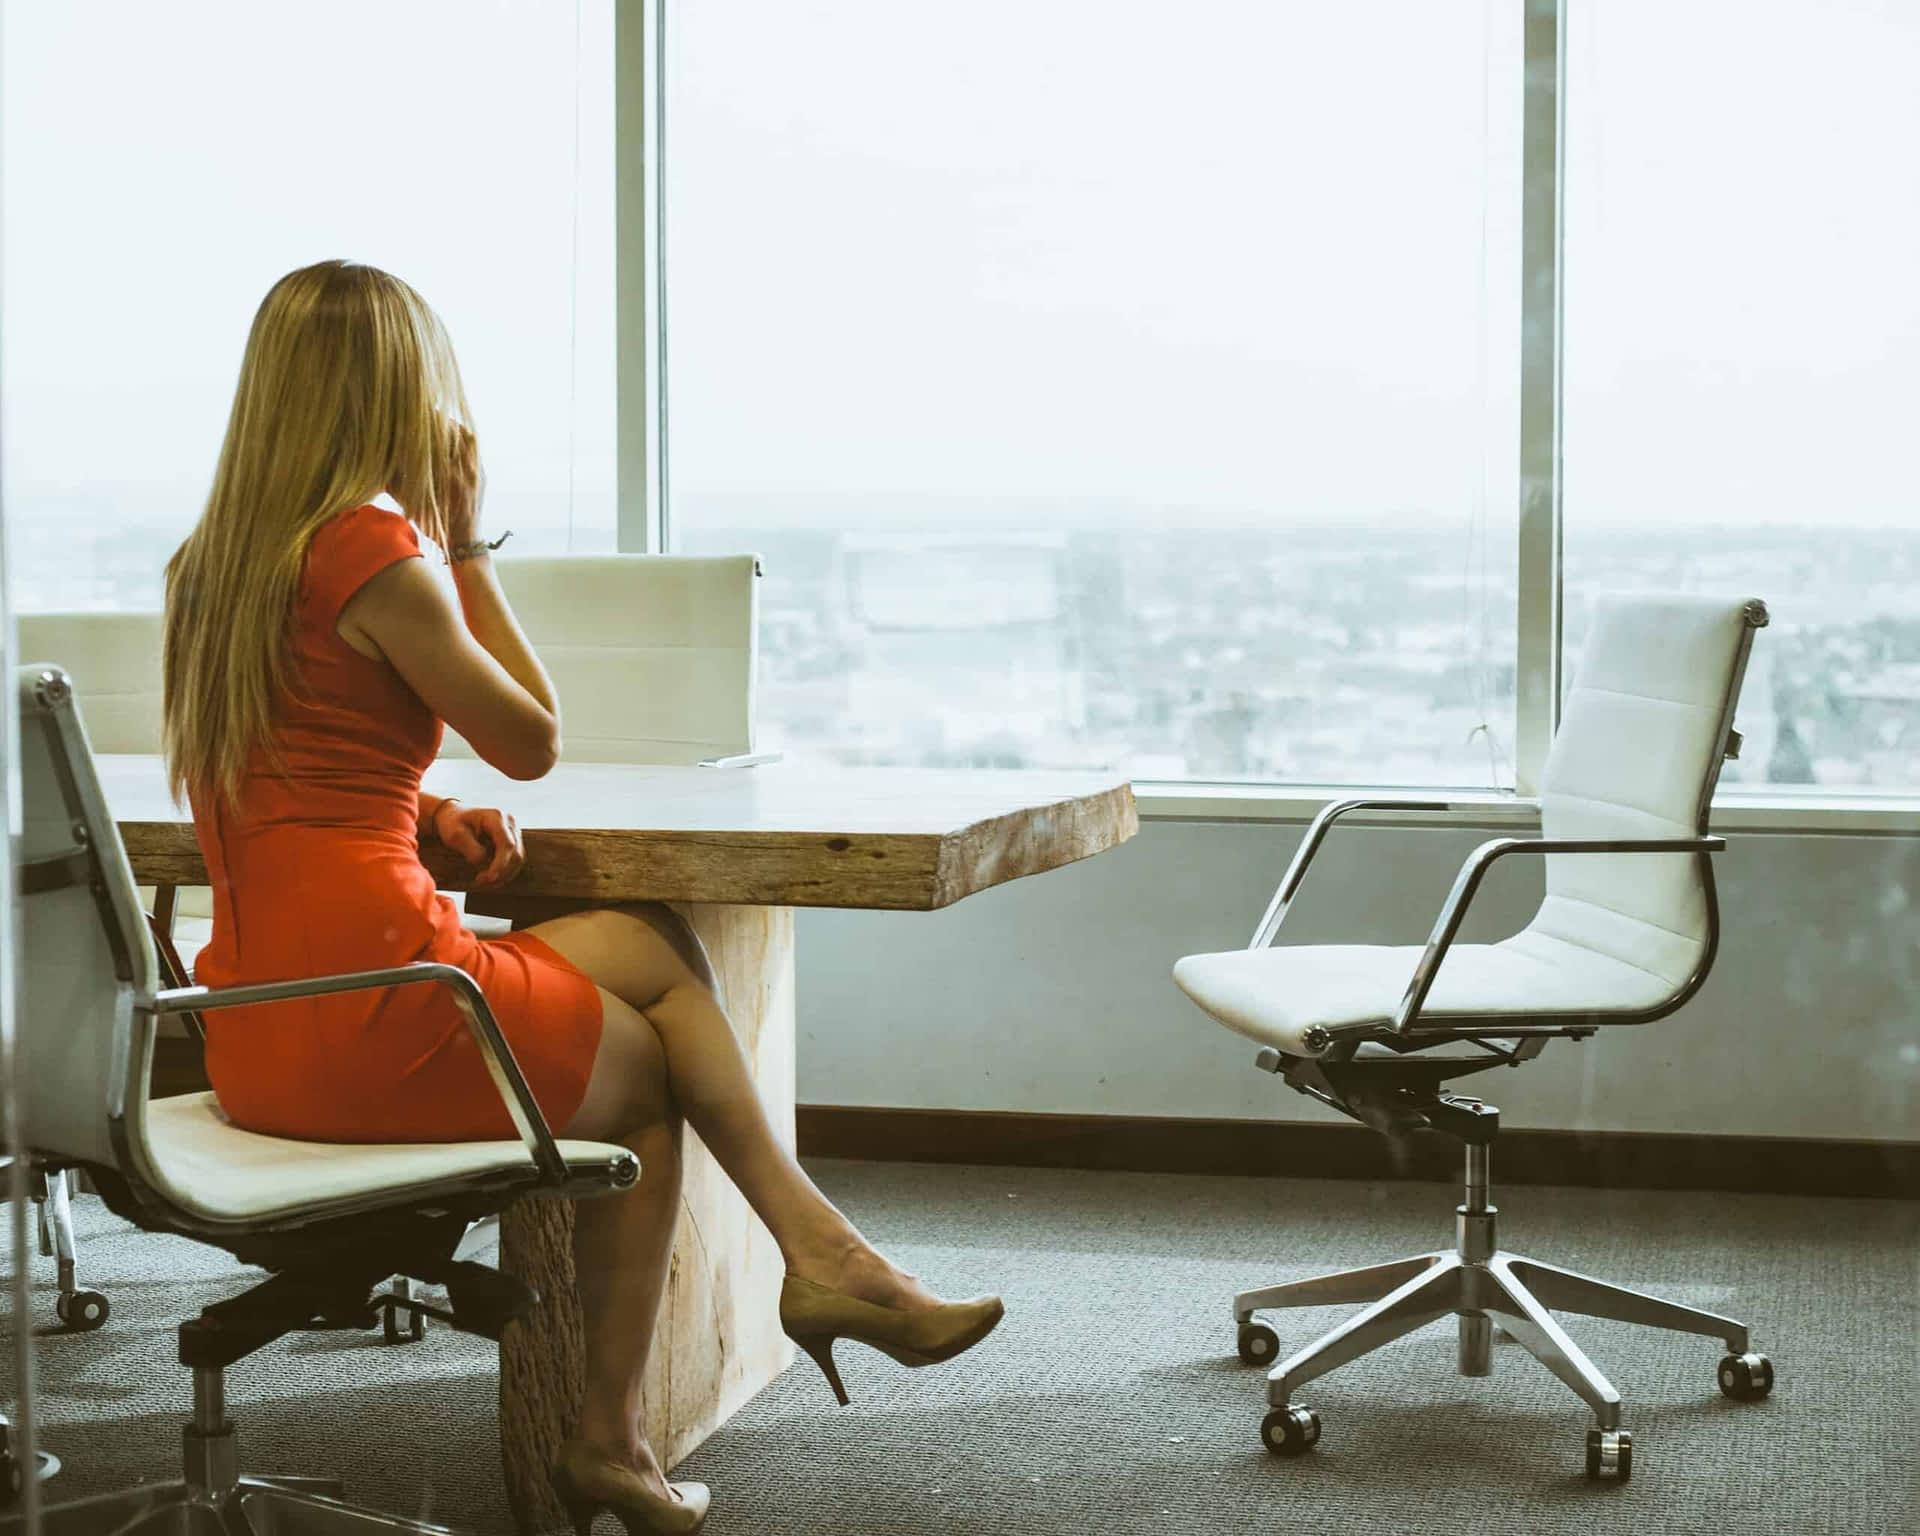 Episode 23 – Hiring Tech Executives